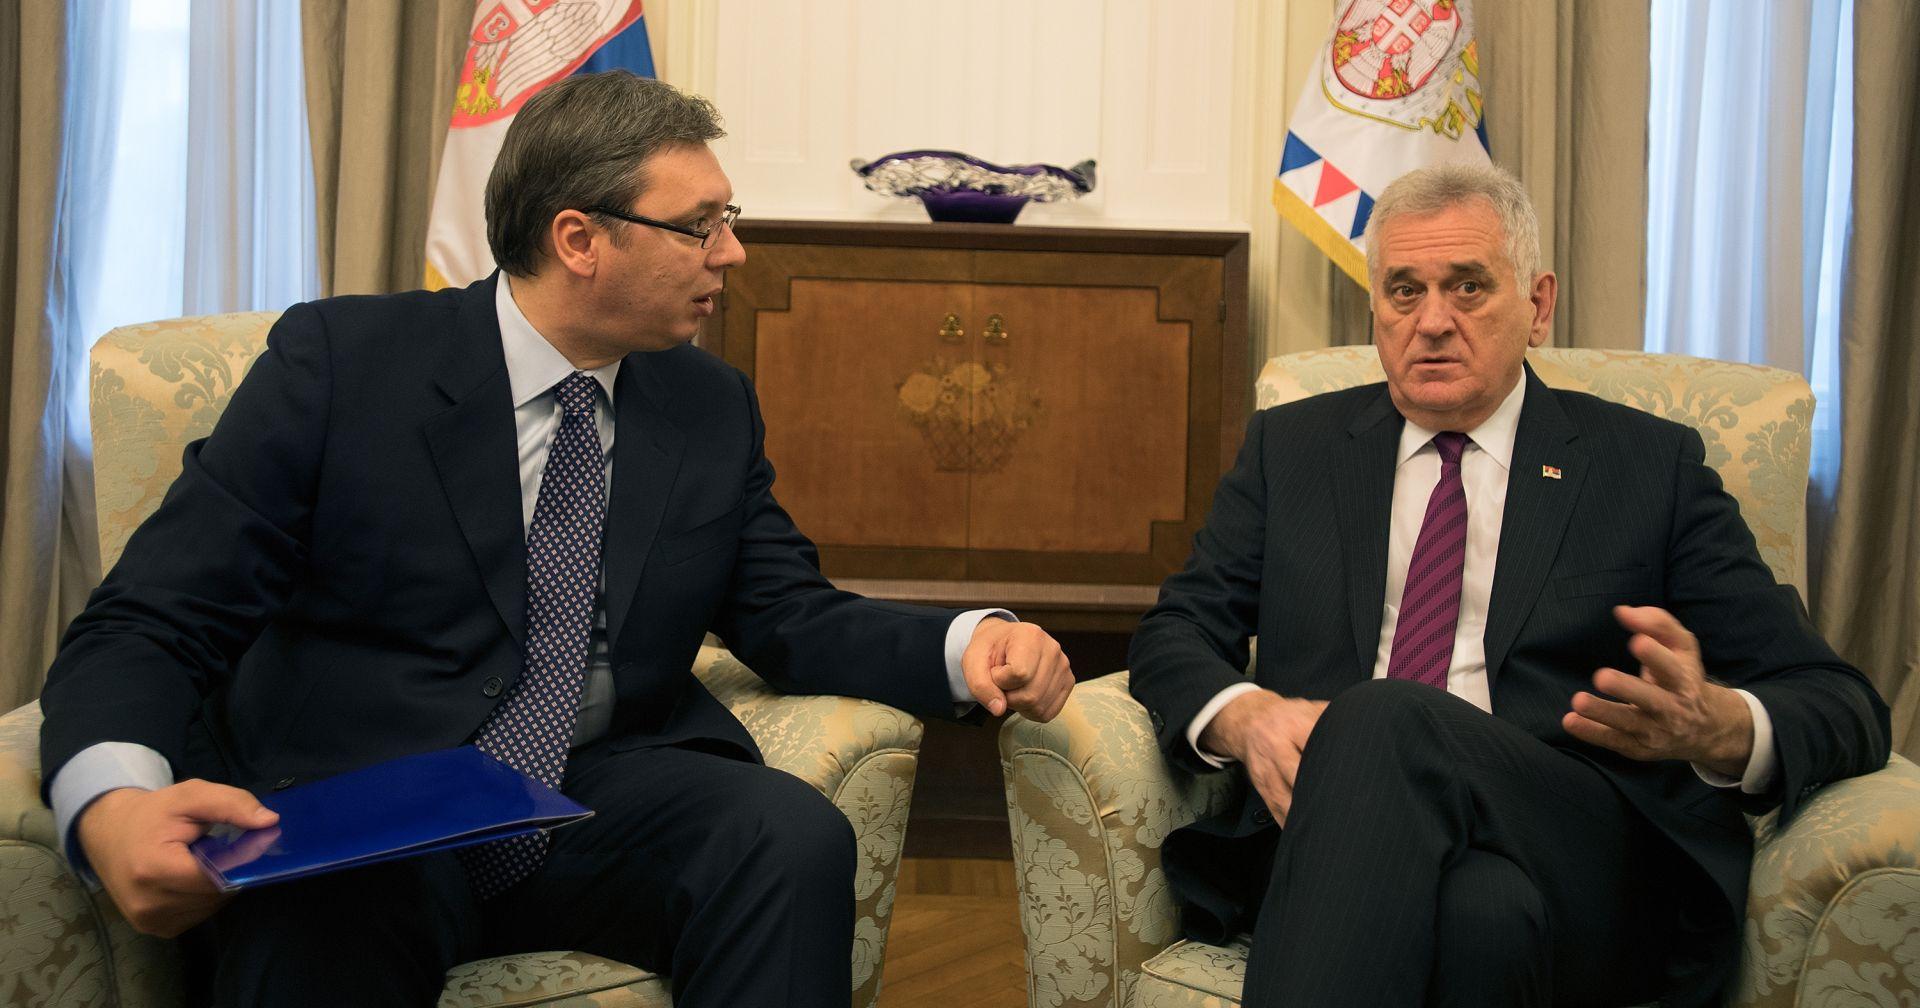 Suglasnost za poglavlje 23 podrazumijeva da će primjedbe Hrvatske biti riješene